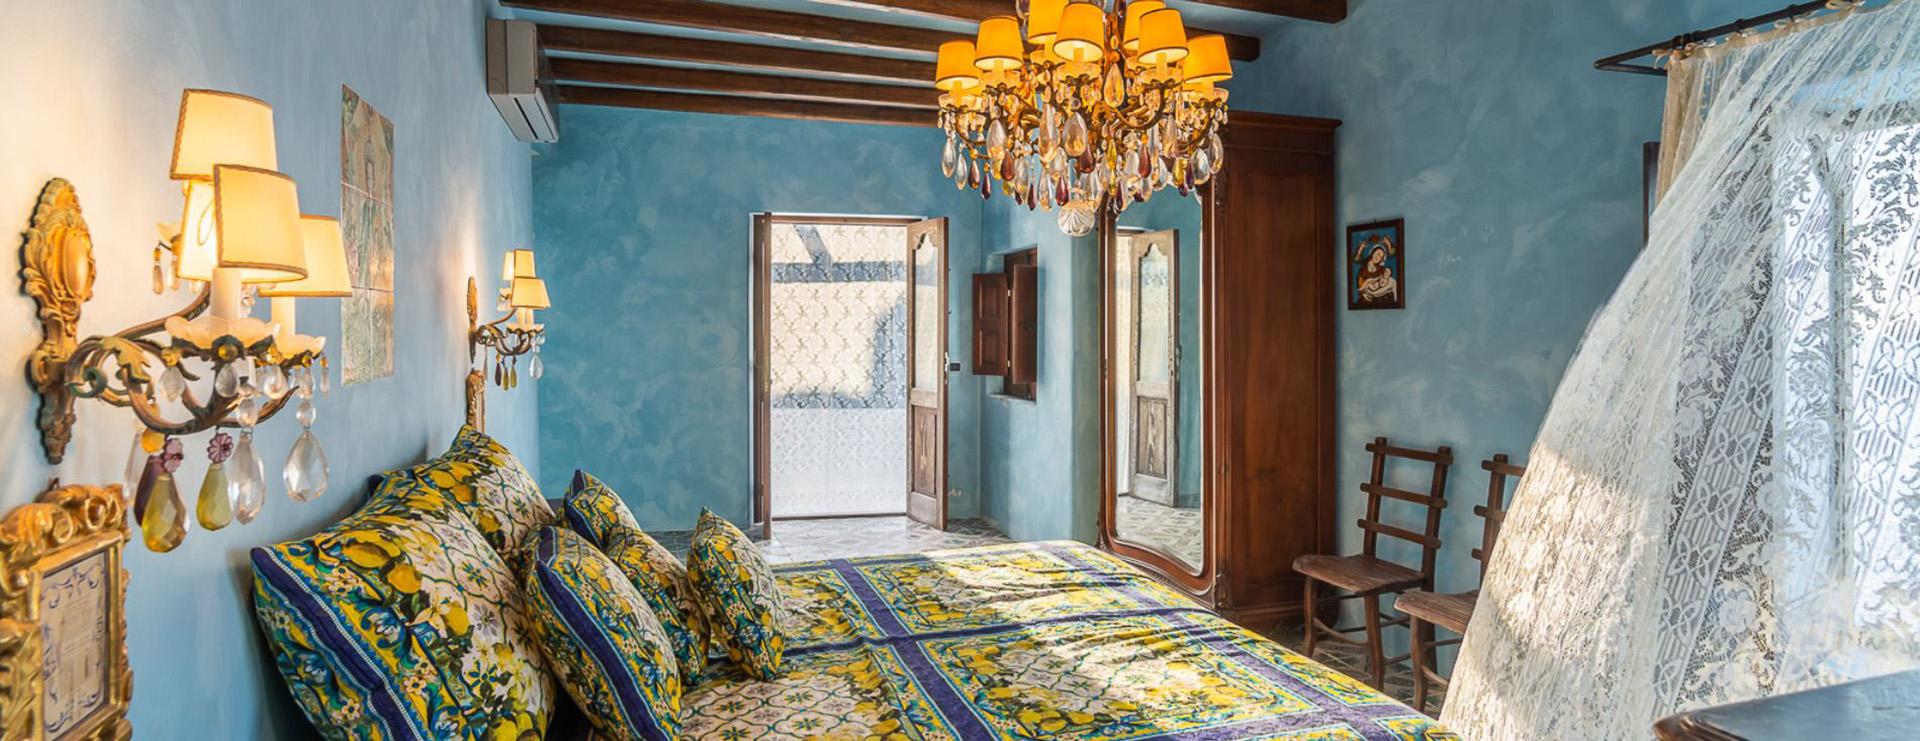 Cortinas de encaje – un elemento básico en Sicilia – se ven en toda la villa